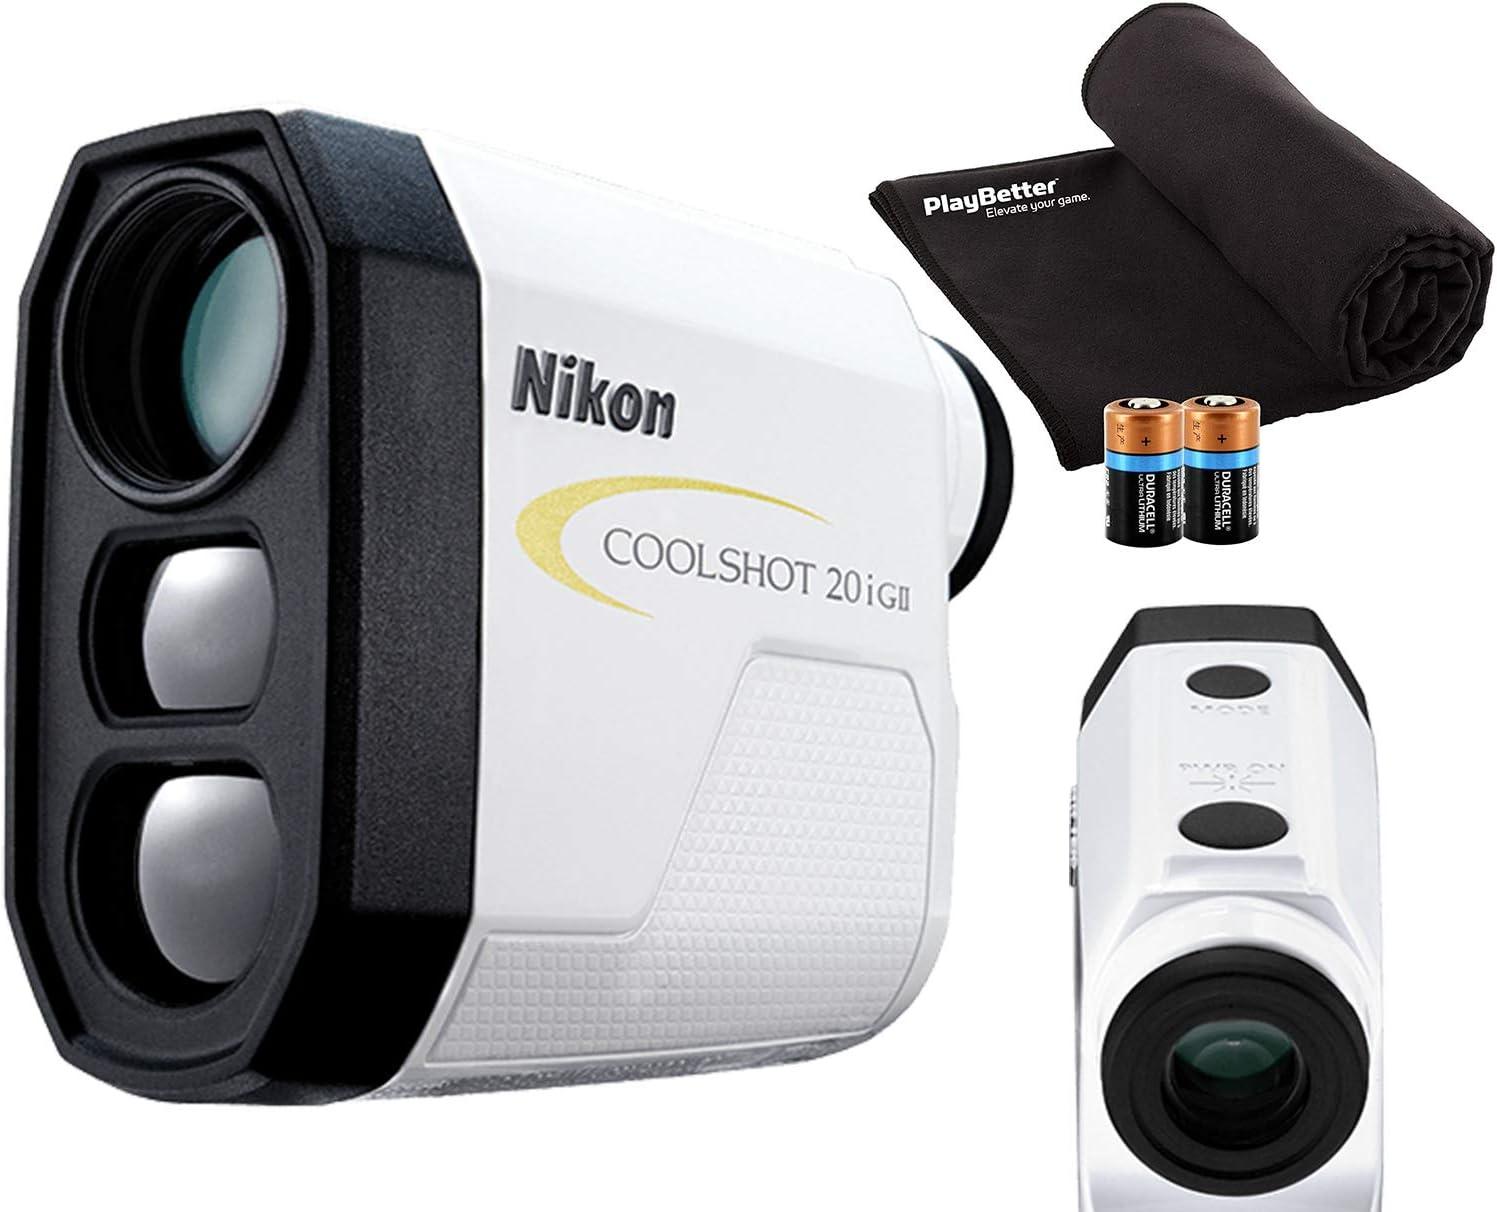 Nikon COOLSHOT 20i GII Golf Popular product Daily bargain sale Rangefinder Includes Bundle Laser